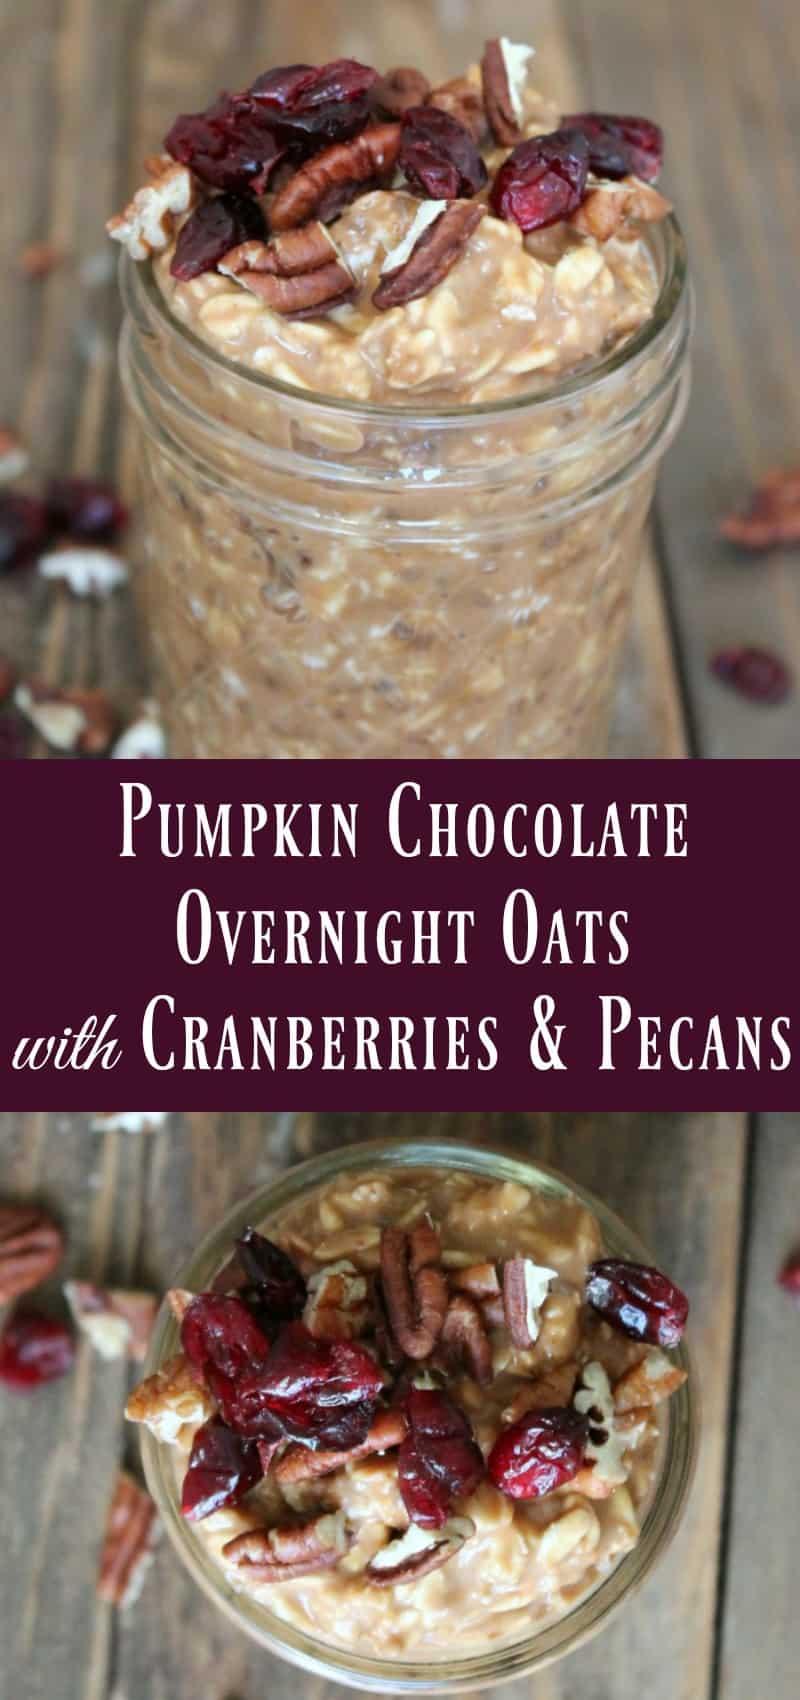 Pumpkin Chocolate Overnight Oats